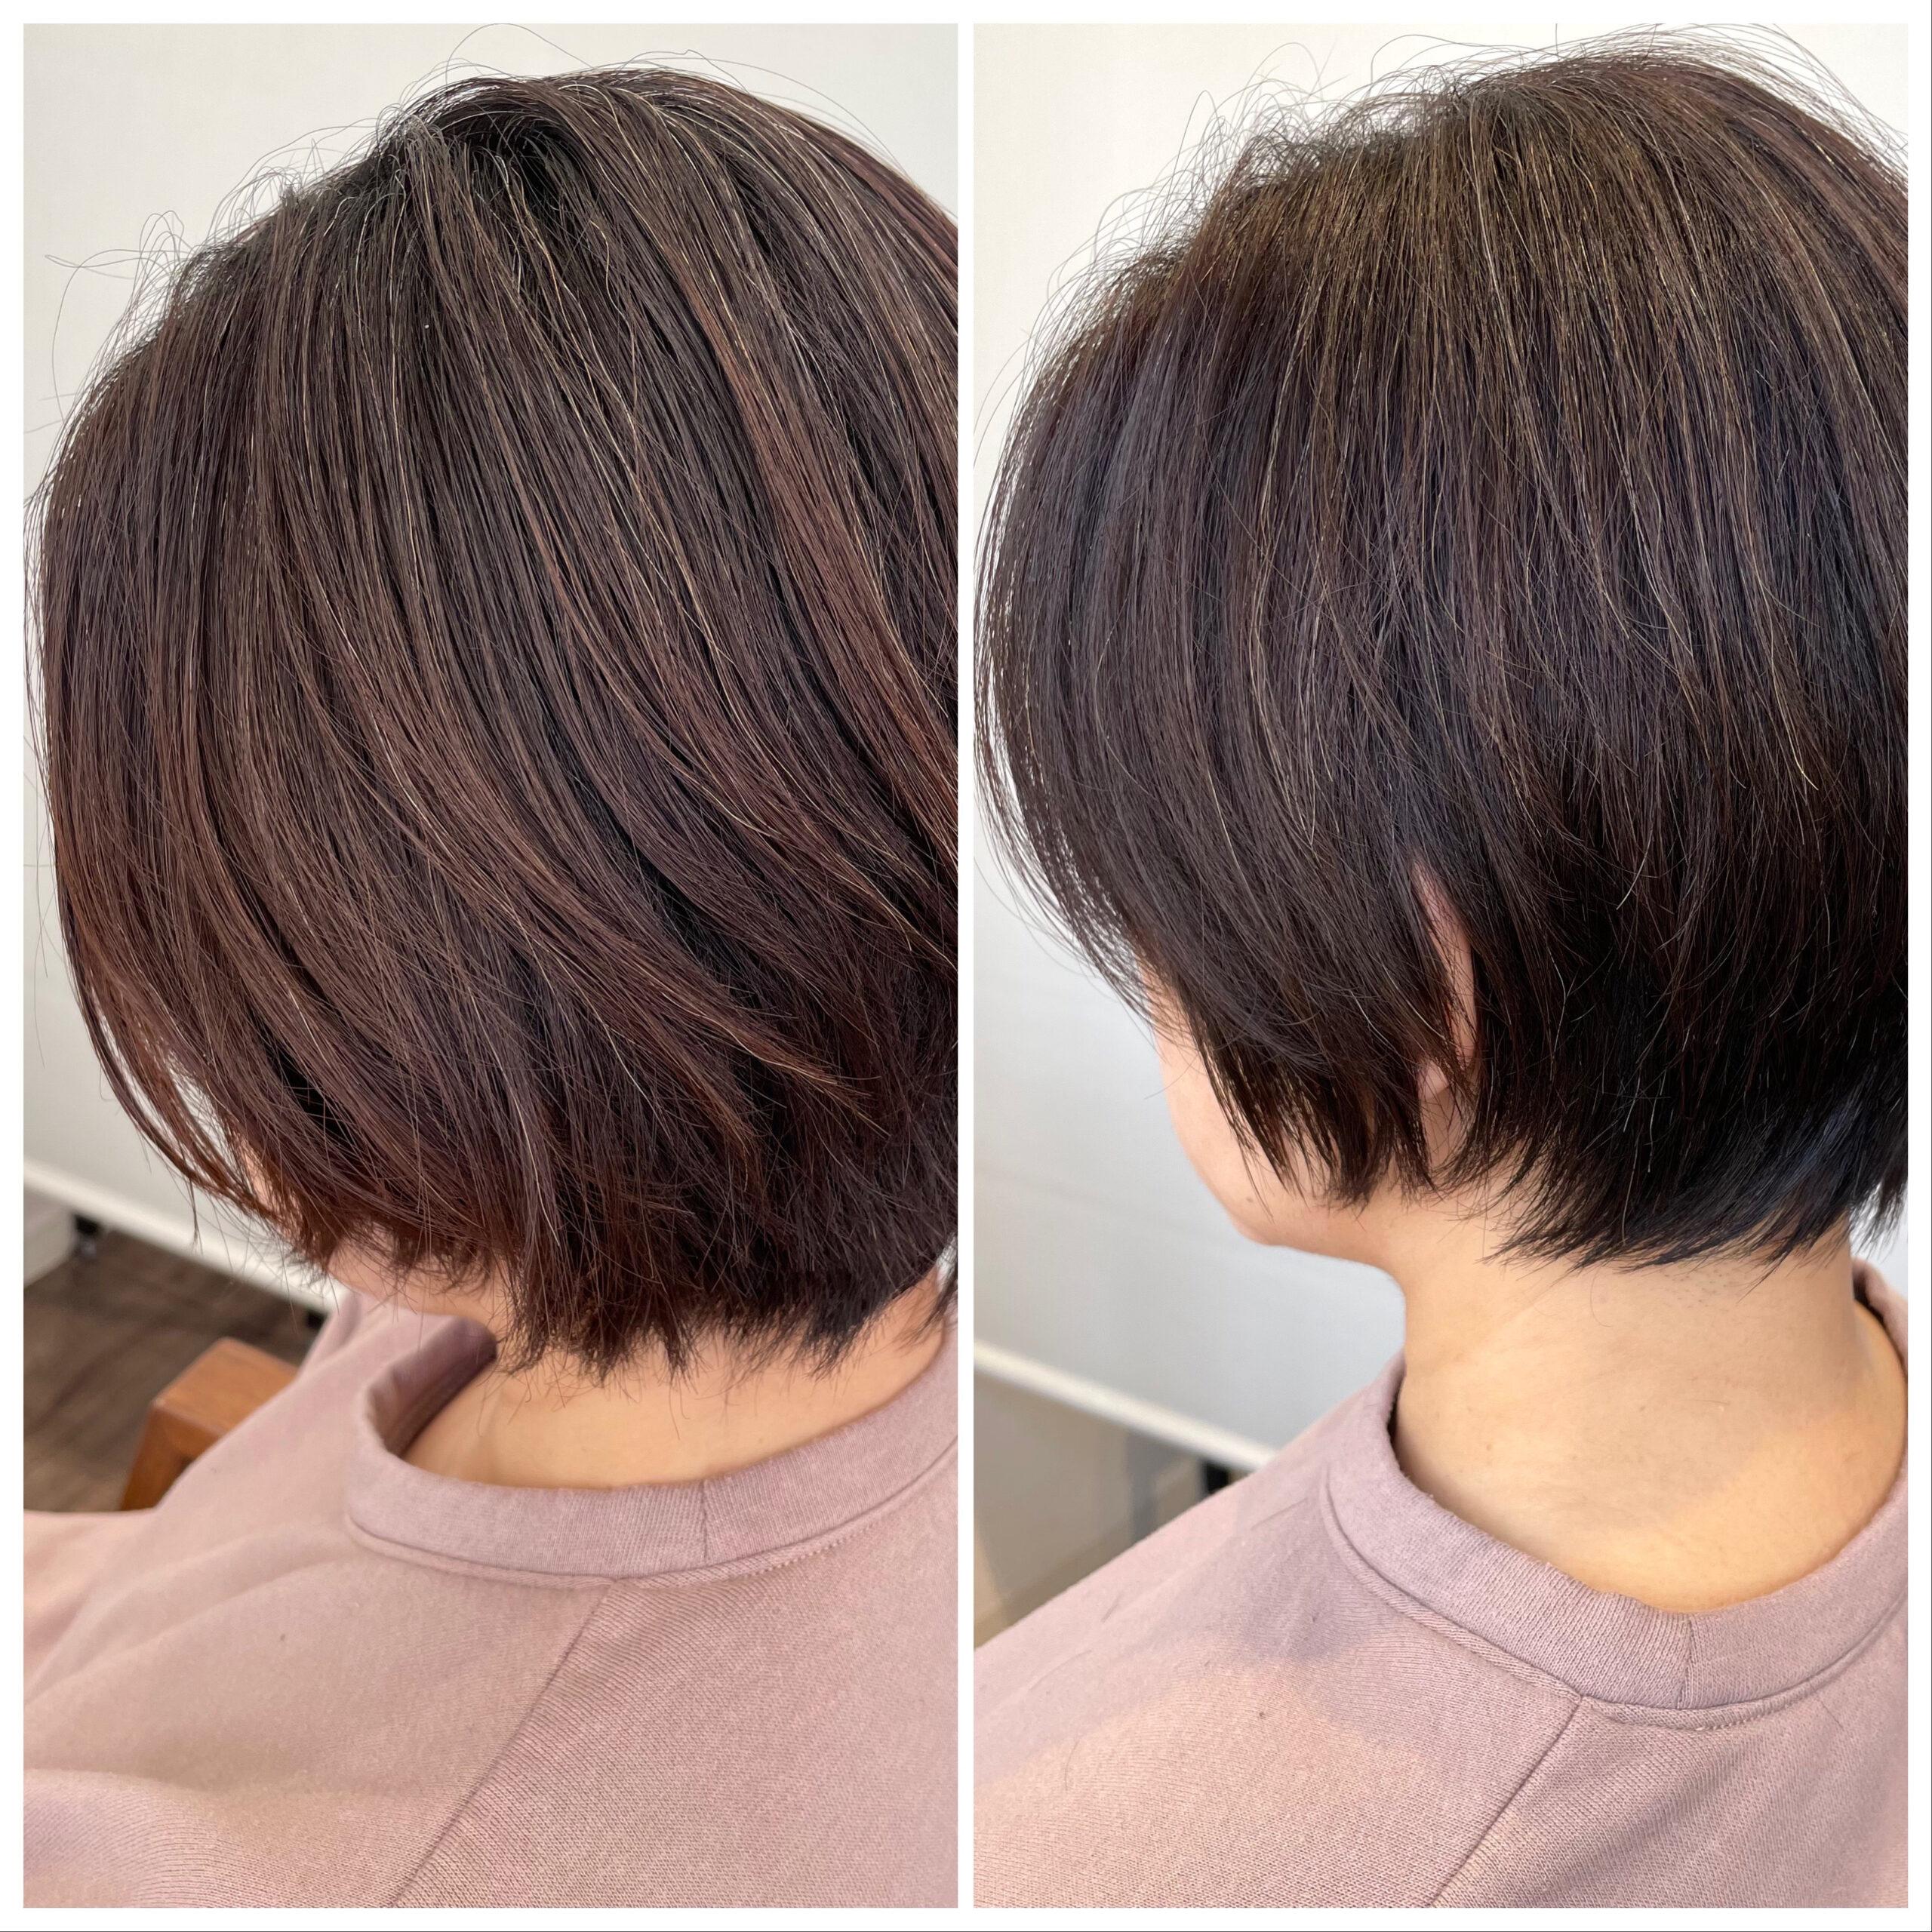 大分県別府市 くせ毛でボリュームが出る髪の毛も質感調整でボリュームダウンのショートカット ビフォーアフター